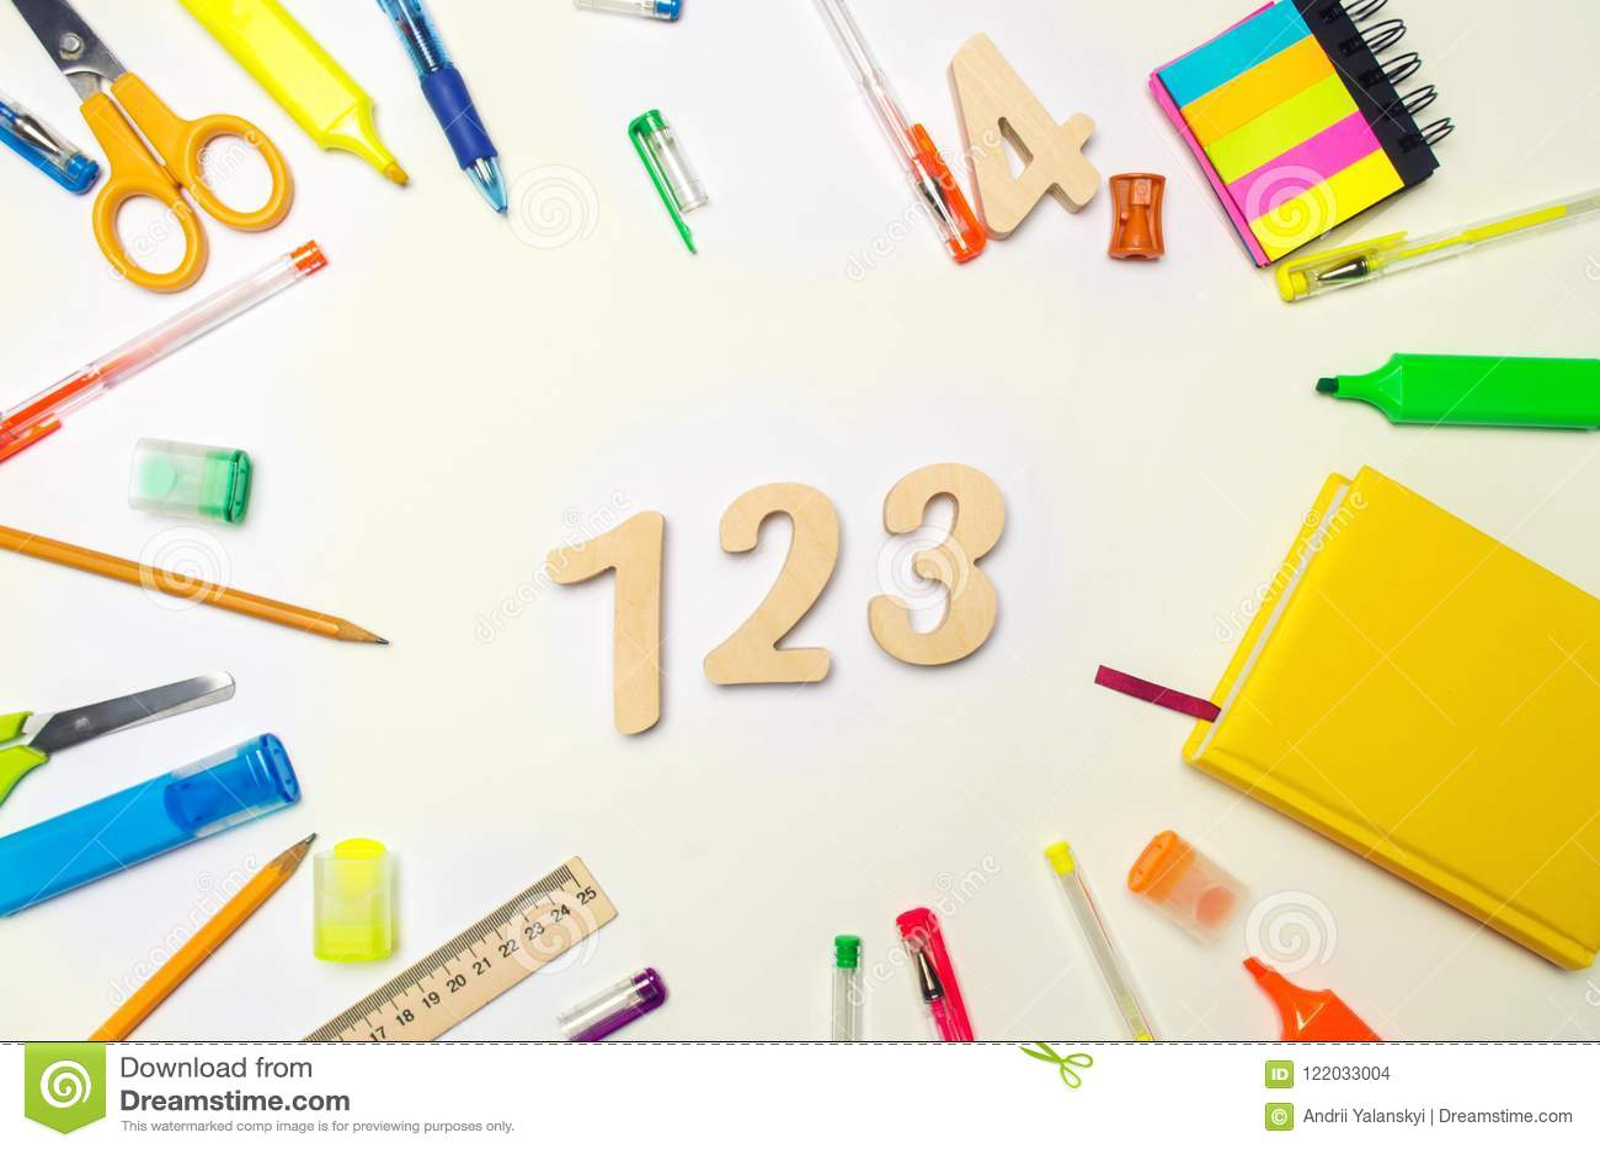 Wiskunde nummer 1, 2, 3 op de schoolbank Concept onderwijs Terug naar School kantoorbehoeften Witte achtergrond stickers, col.